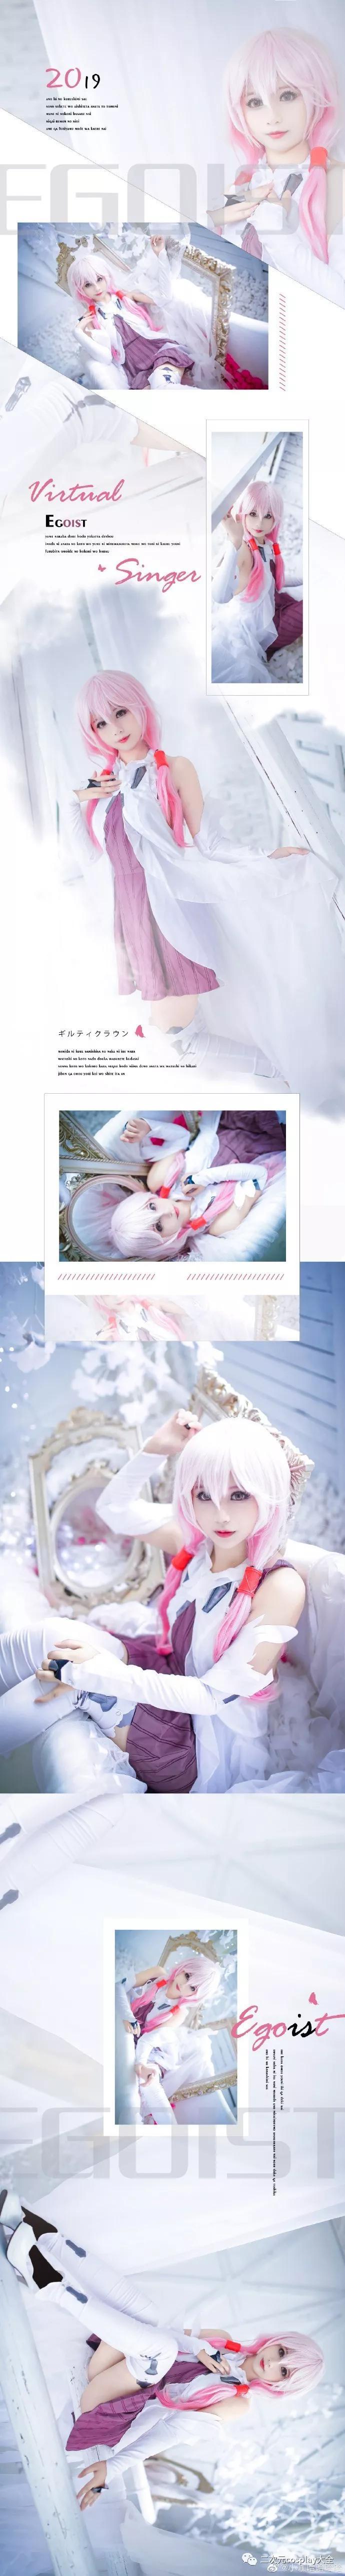 《罪恶王冠》楪祈,EGOIST精选辑封面,清新可爱的柔美女神